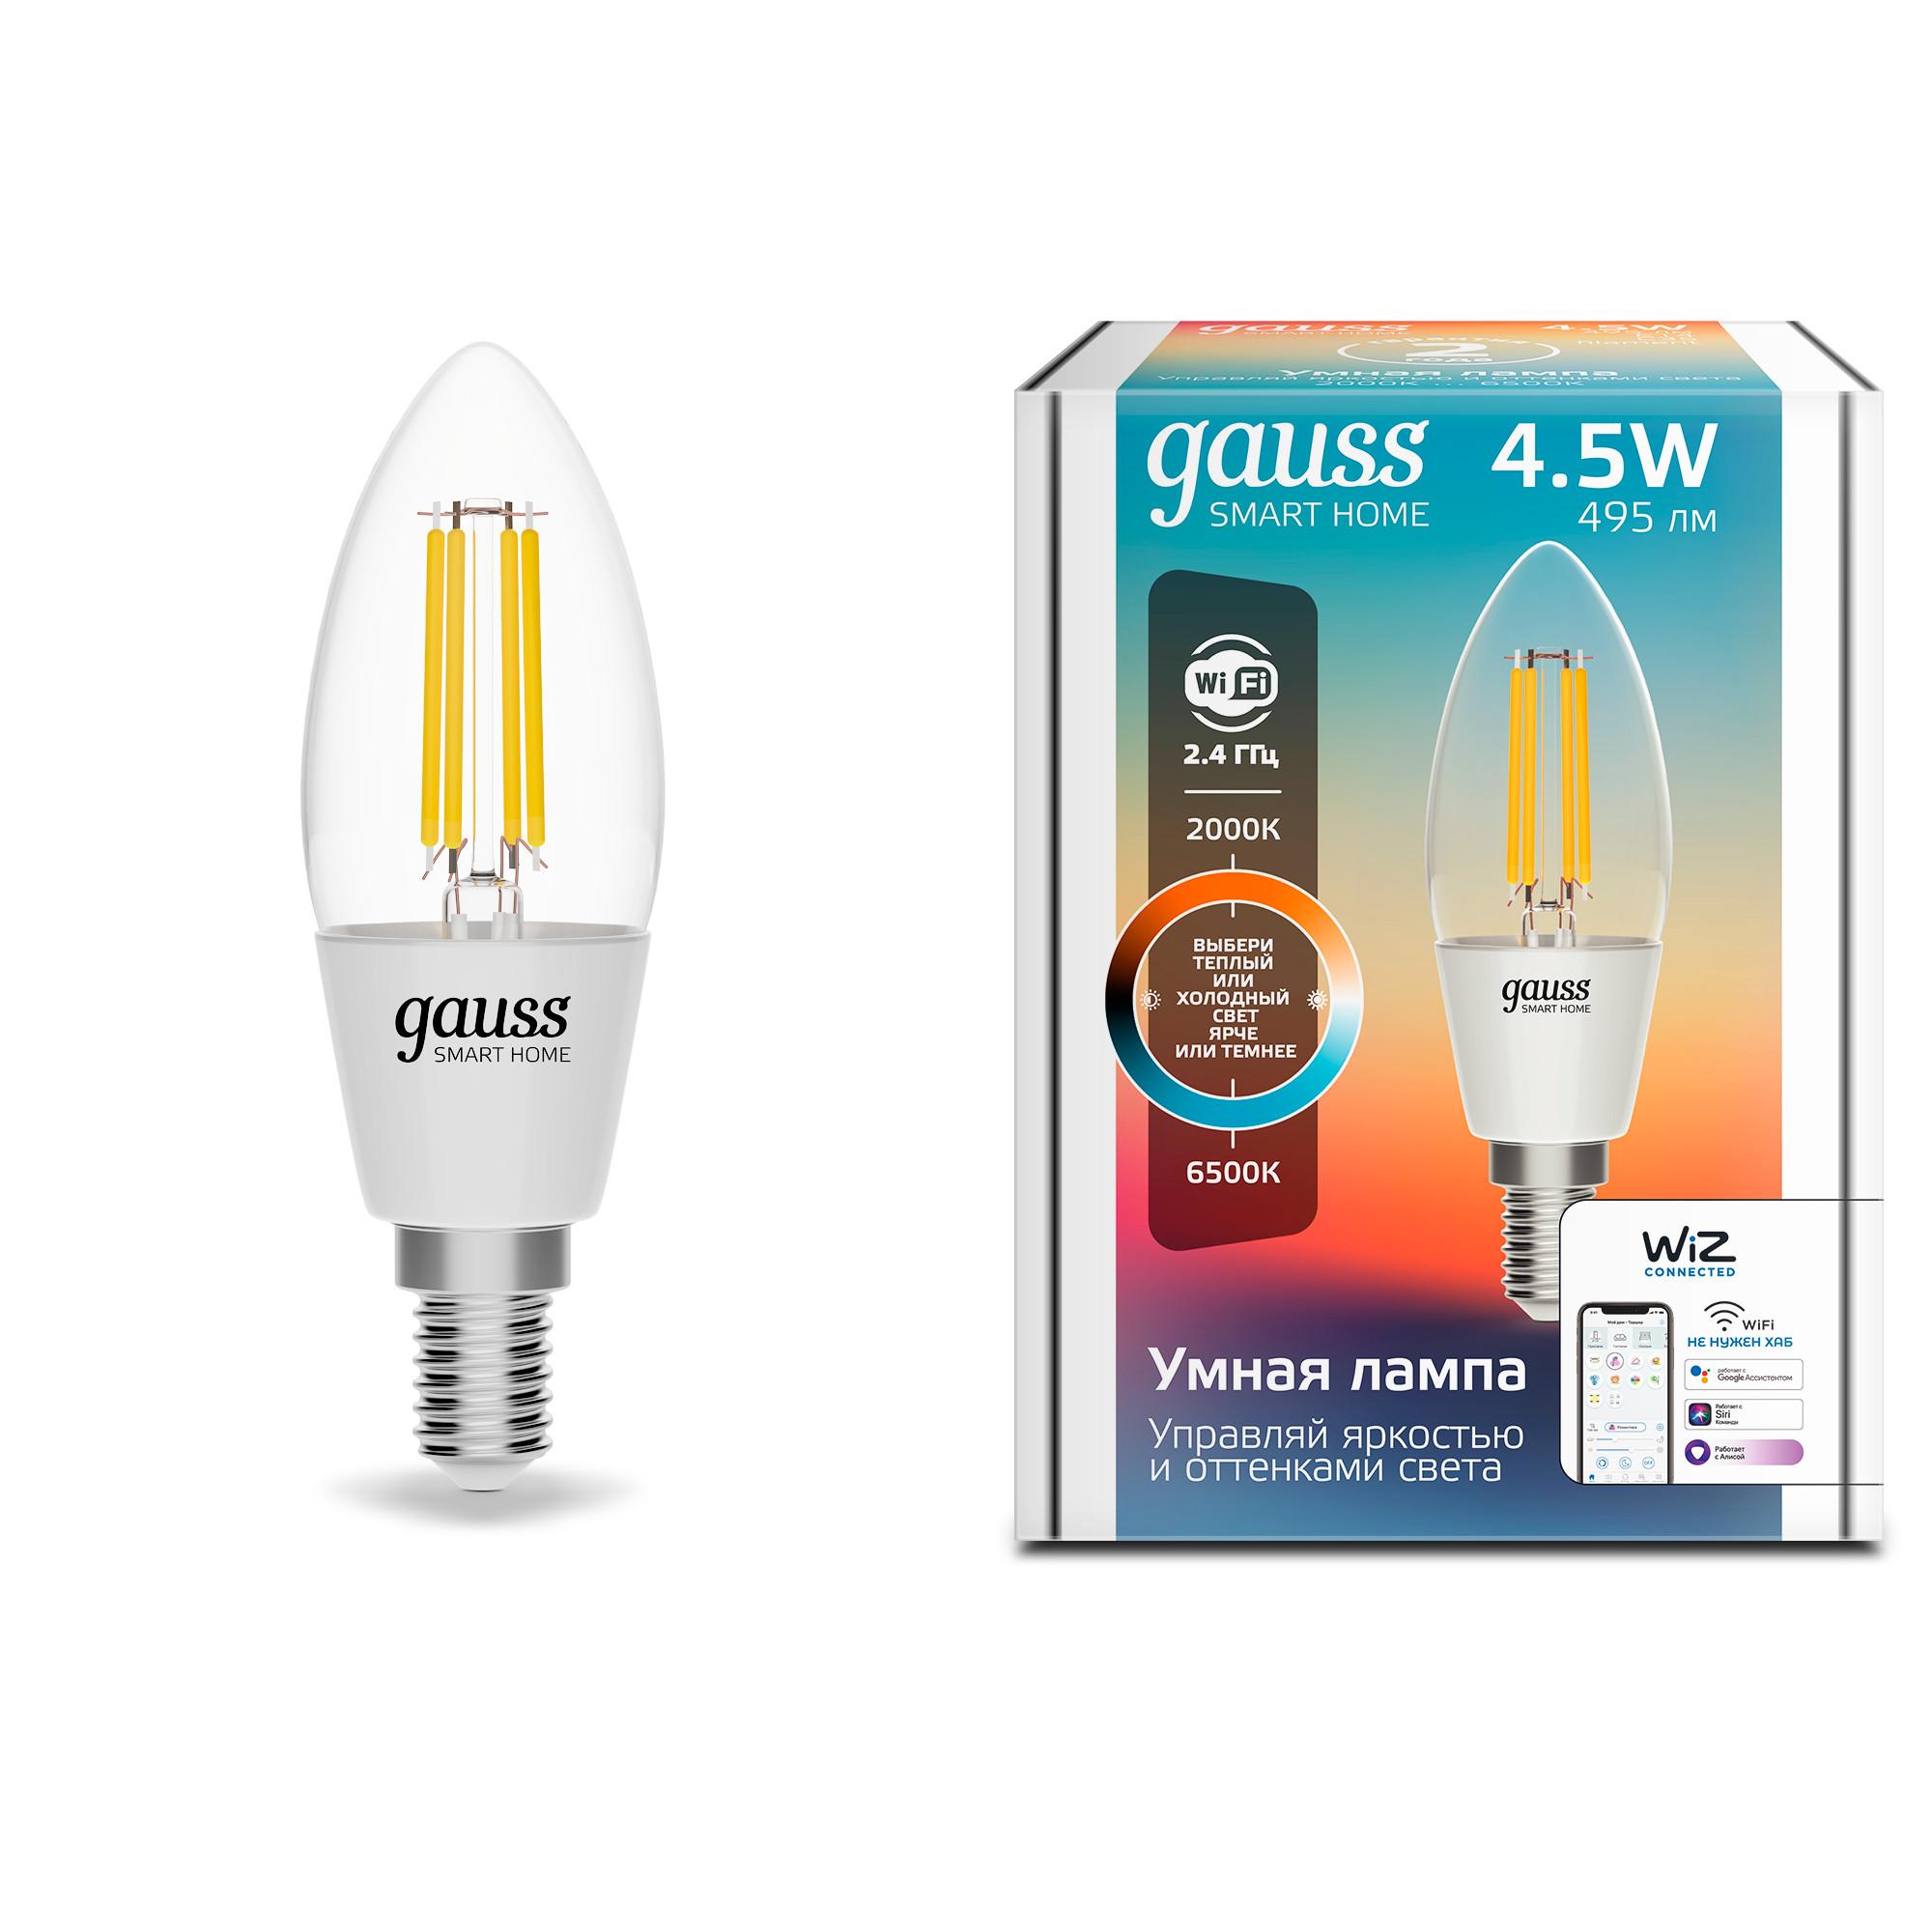 Лампа умная светодиодная филаментная Gauss E14 220-240 В 4.5 Вт свеча прозрачная 495 лм регулируемый цвет света для диммера